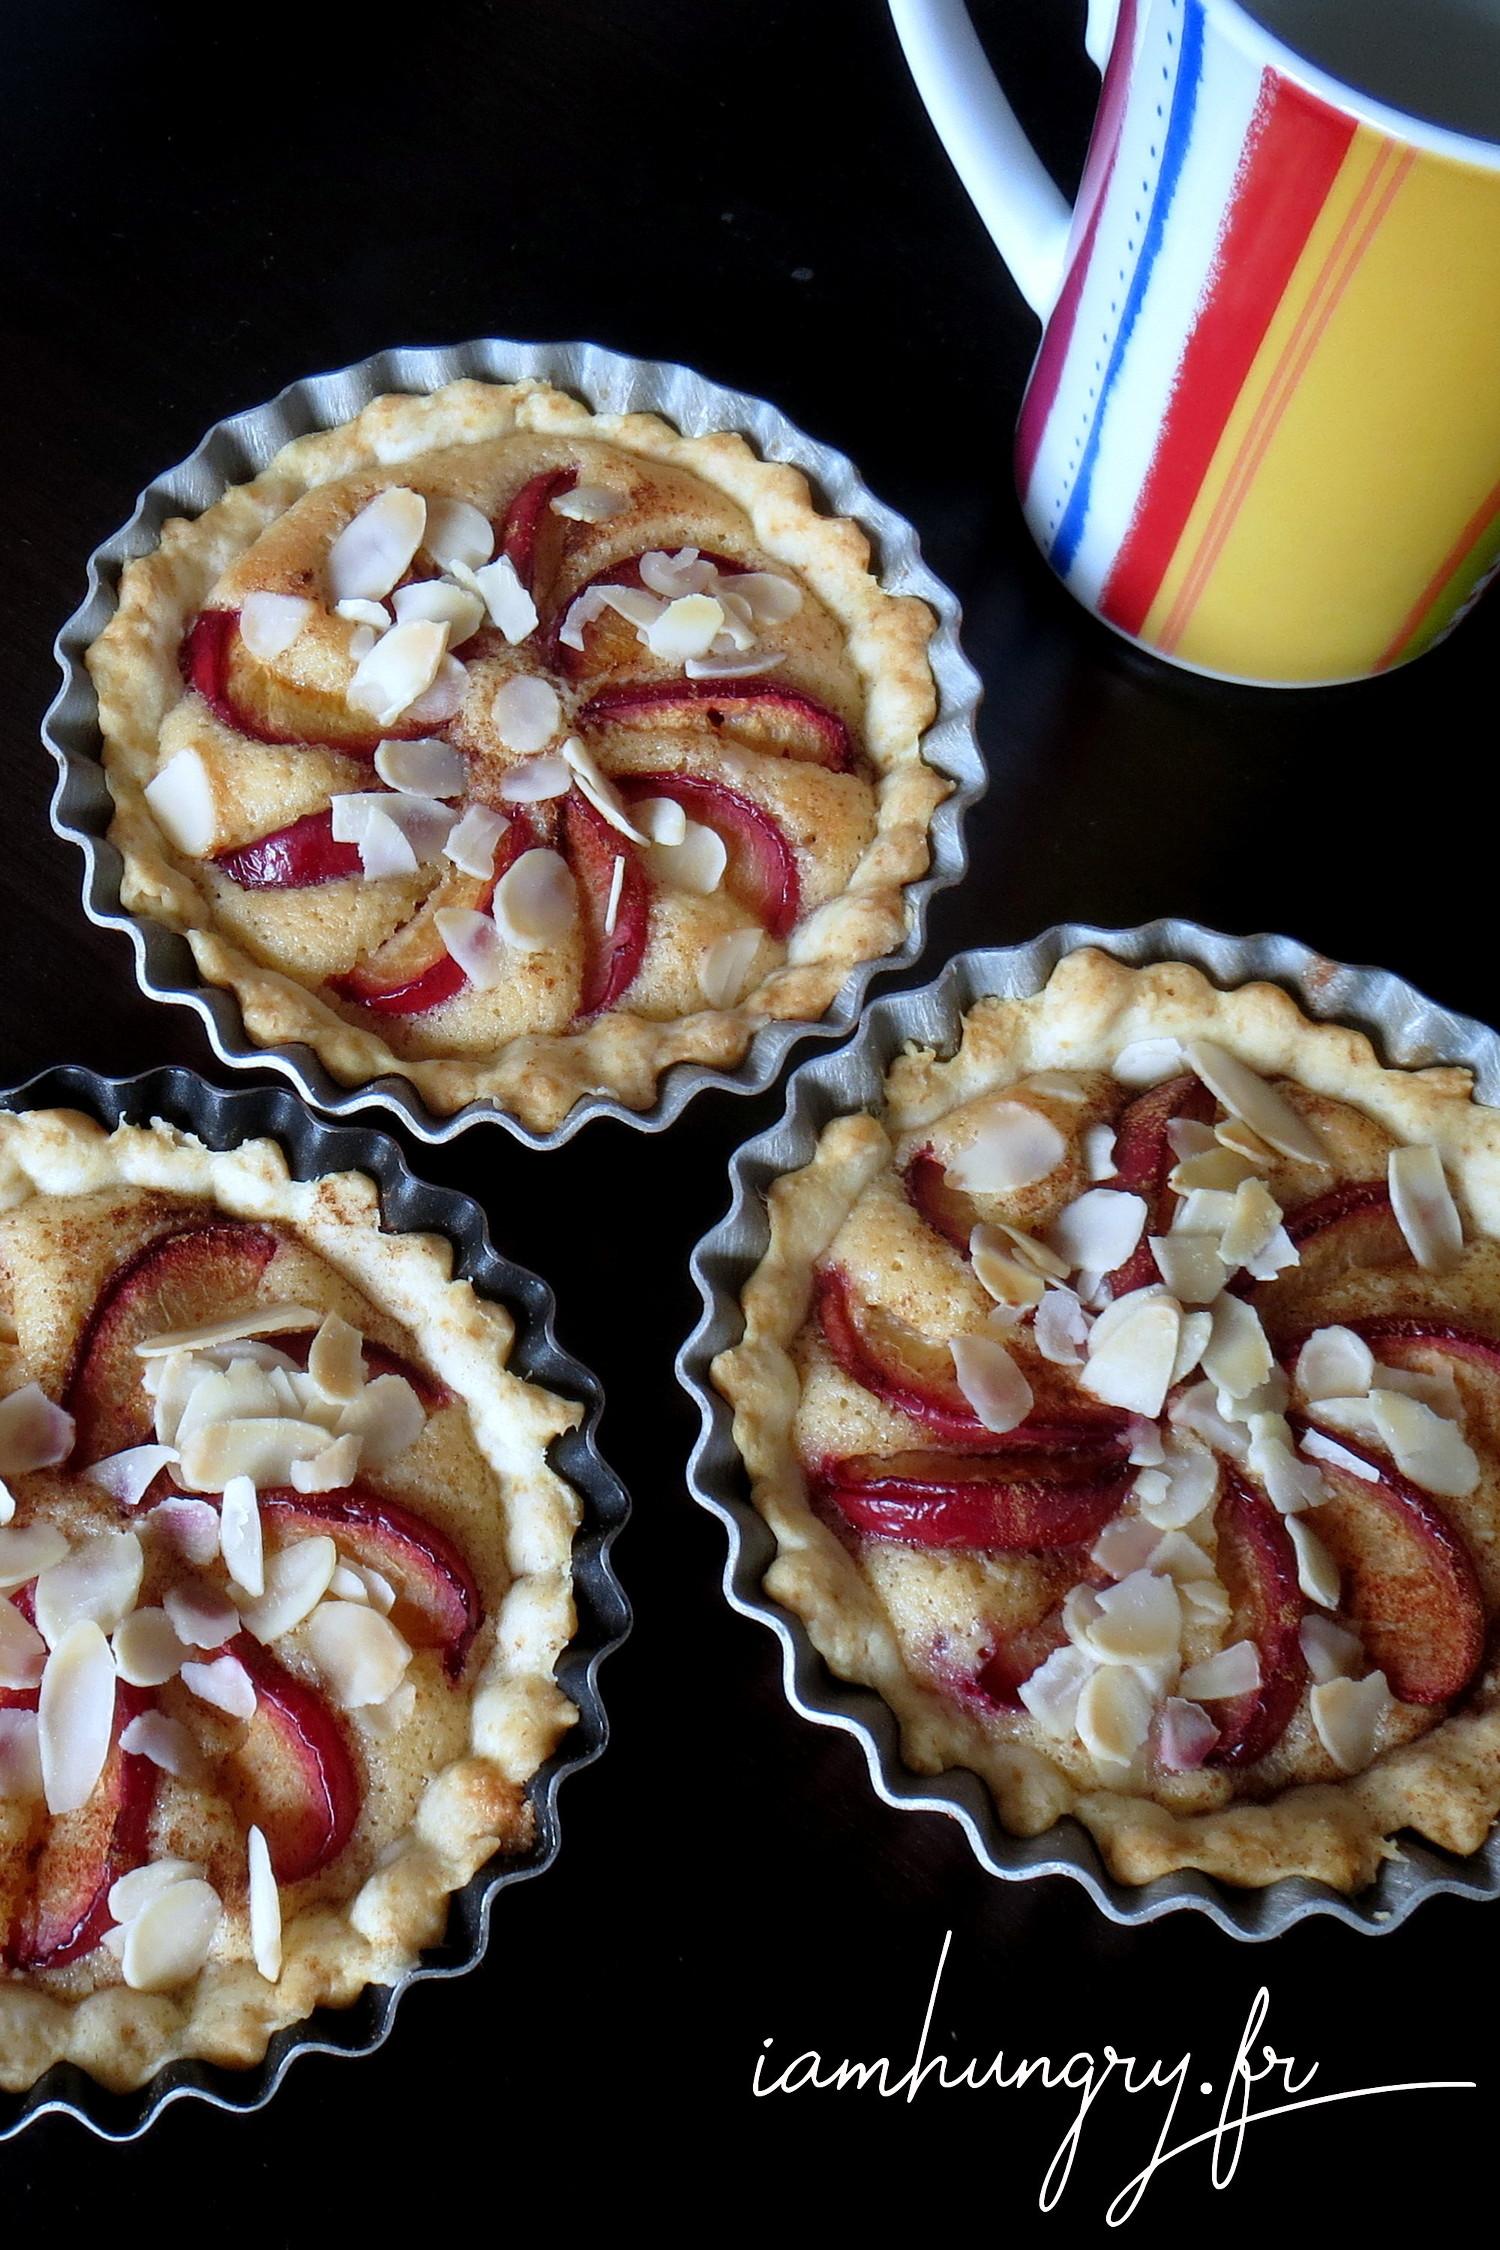 Tartelettes prunes et amandes